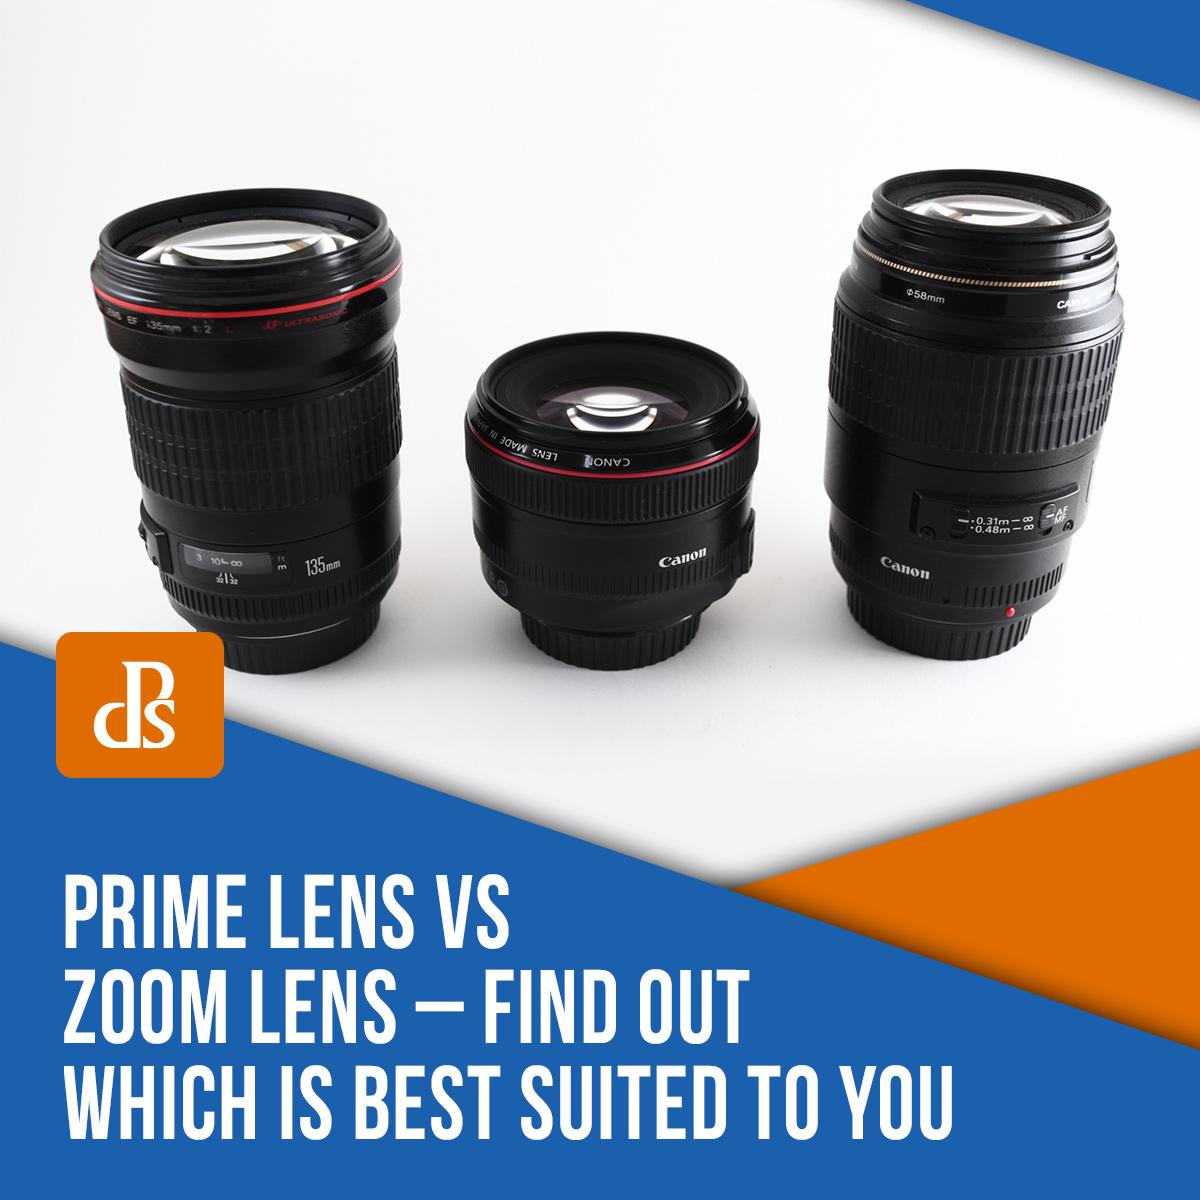 prime-lens-vs-zoom-lens